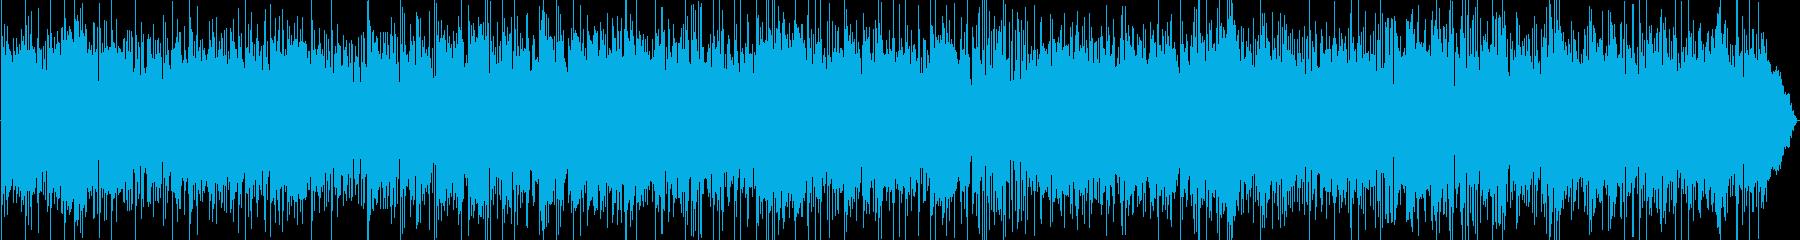 スムースジャズ、かっこいいエレピとギターの再生済みの波形